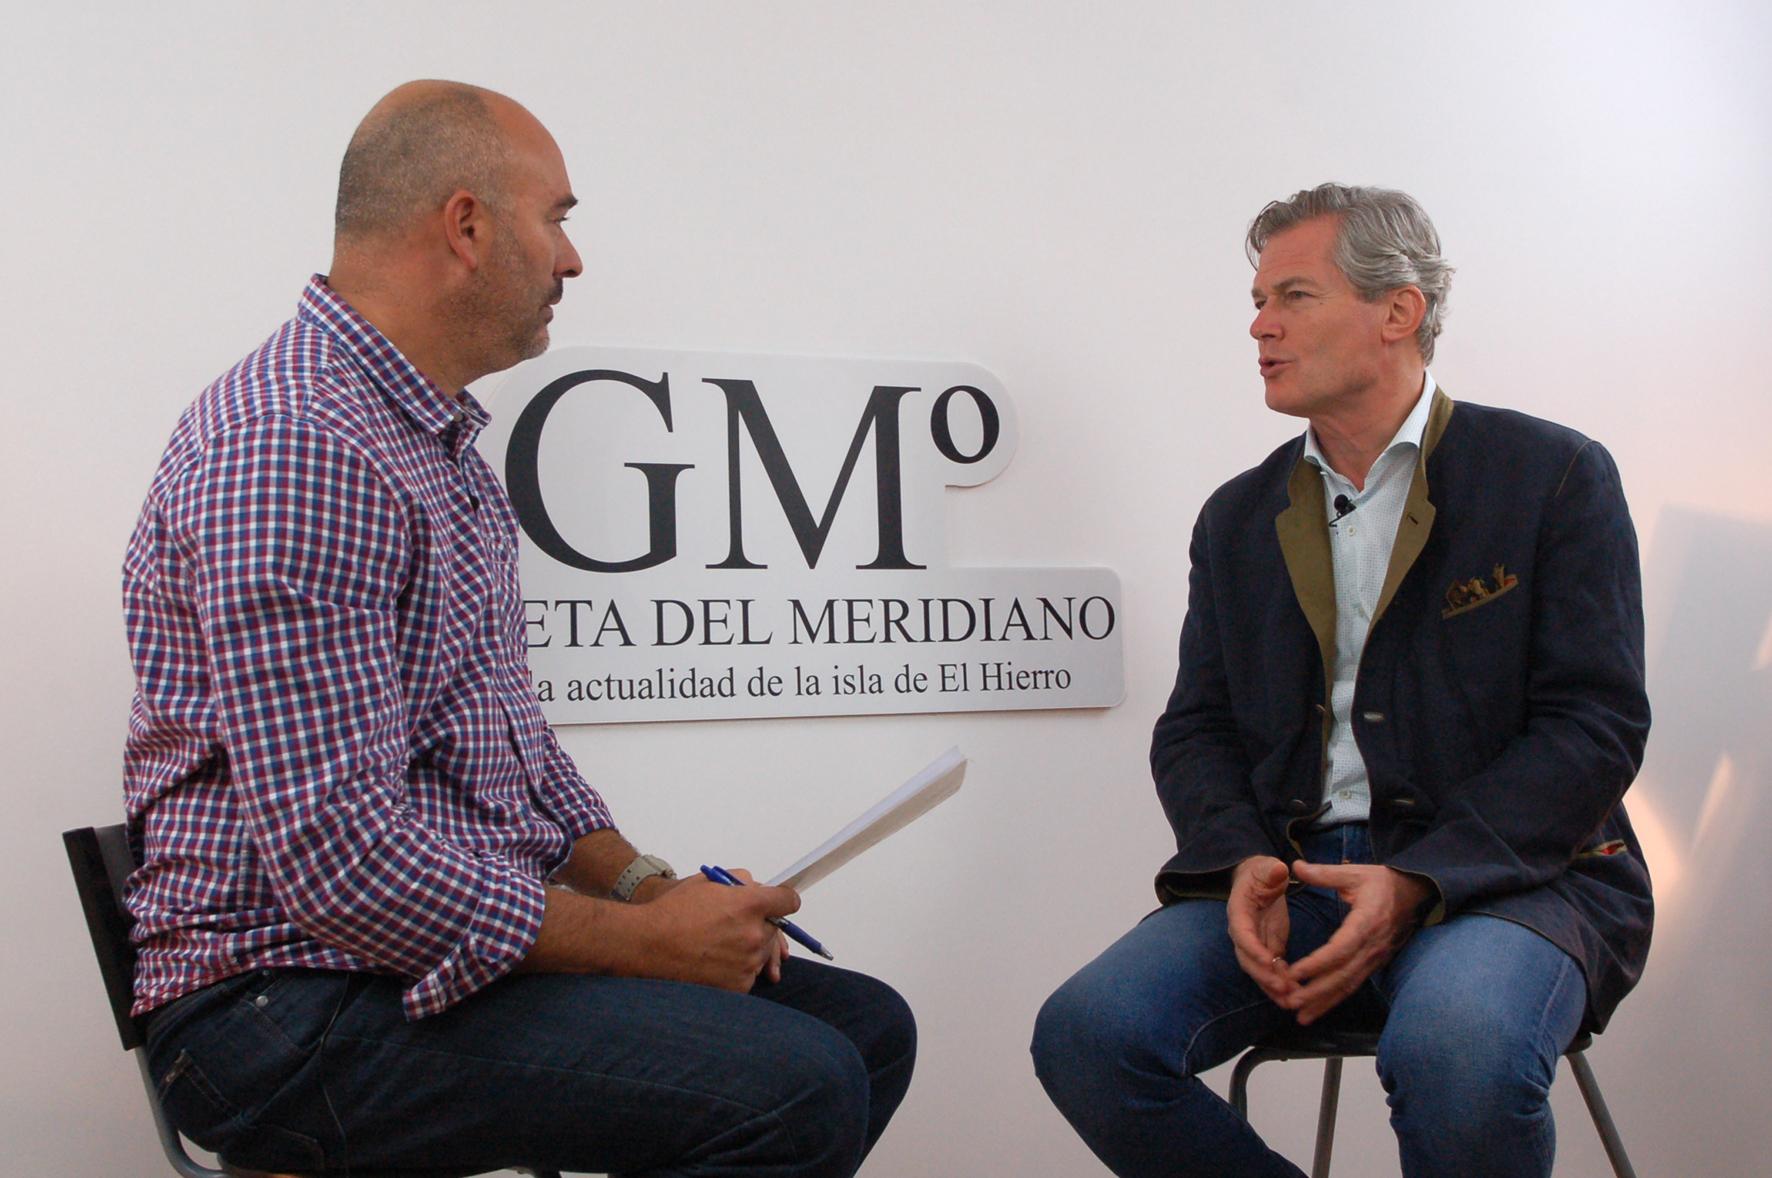 La Entrevista con Gunter Pauli